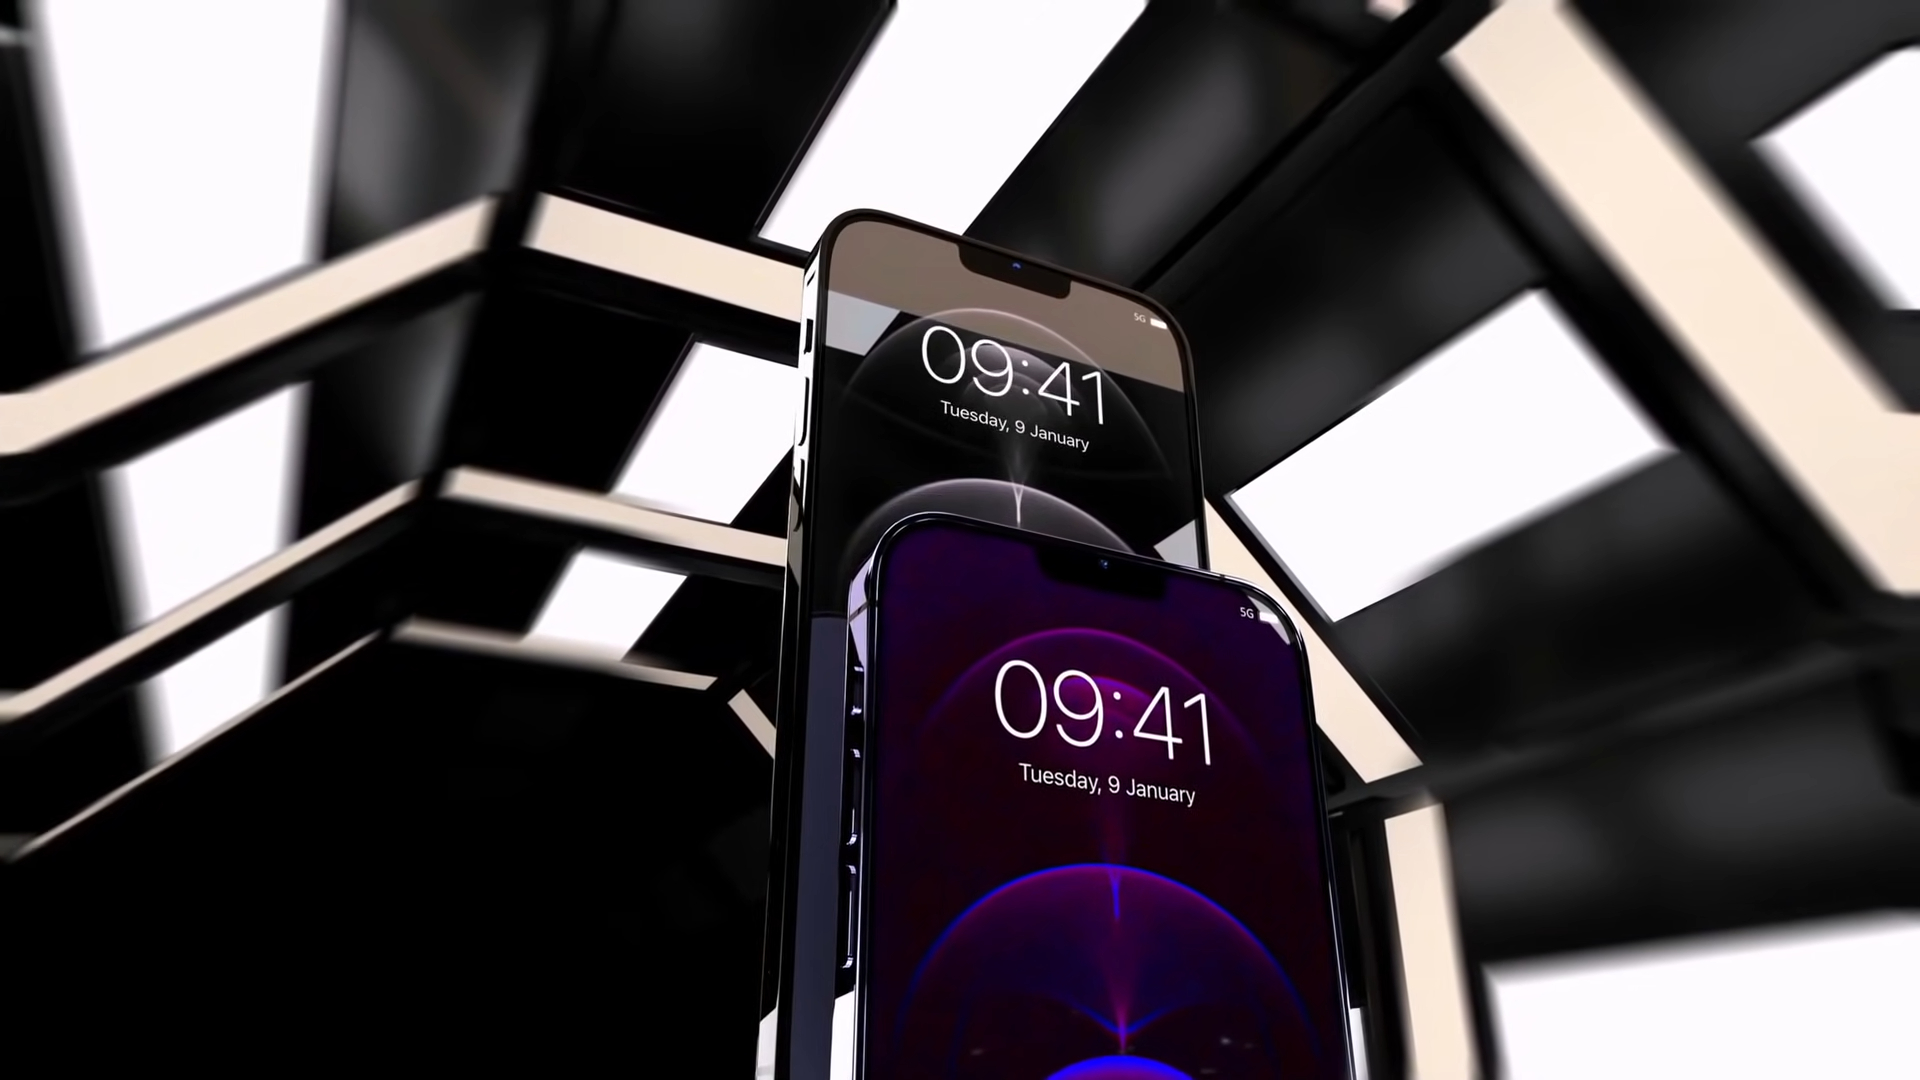 Noi imagini cu iPhone 13. Cum ar putea arăta noile smartphone-uri de la Apple VIDEO